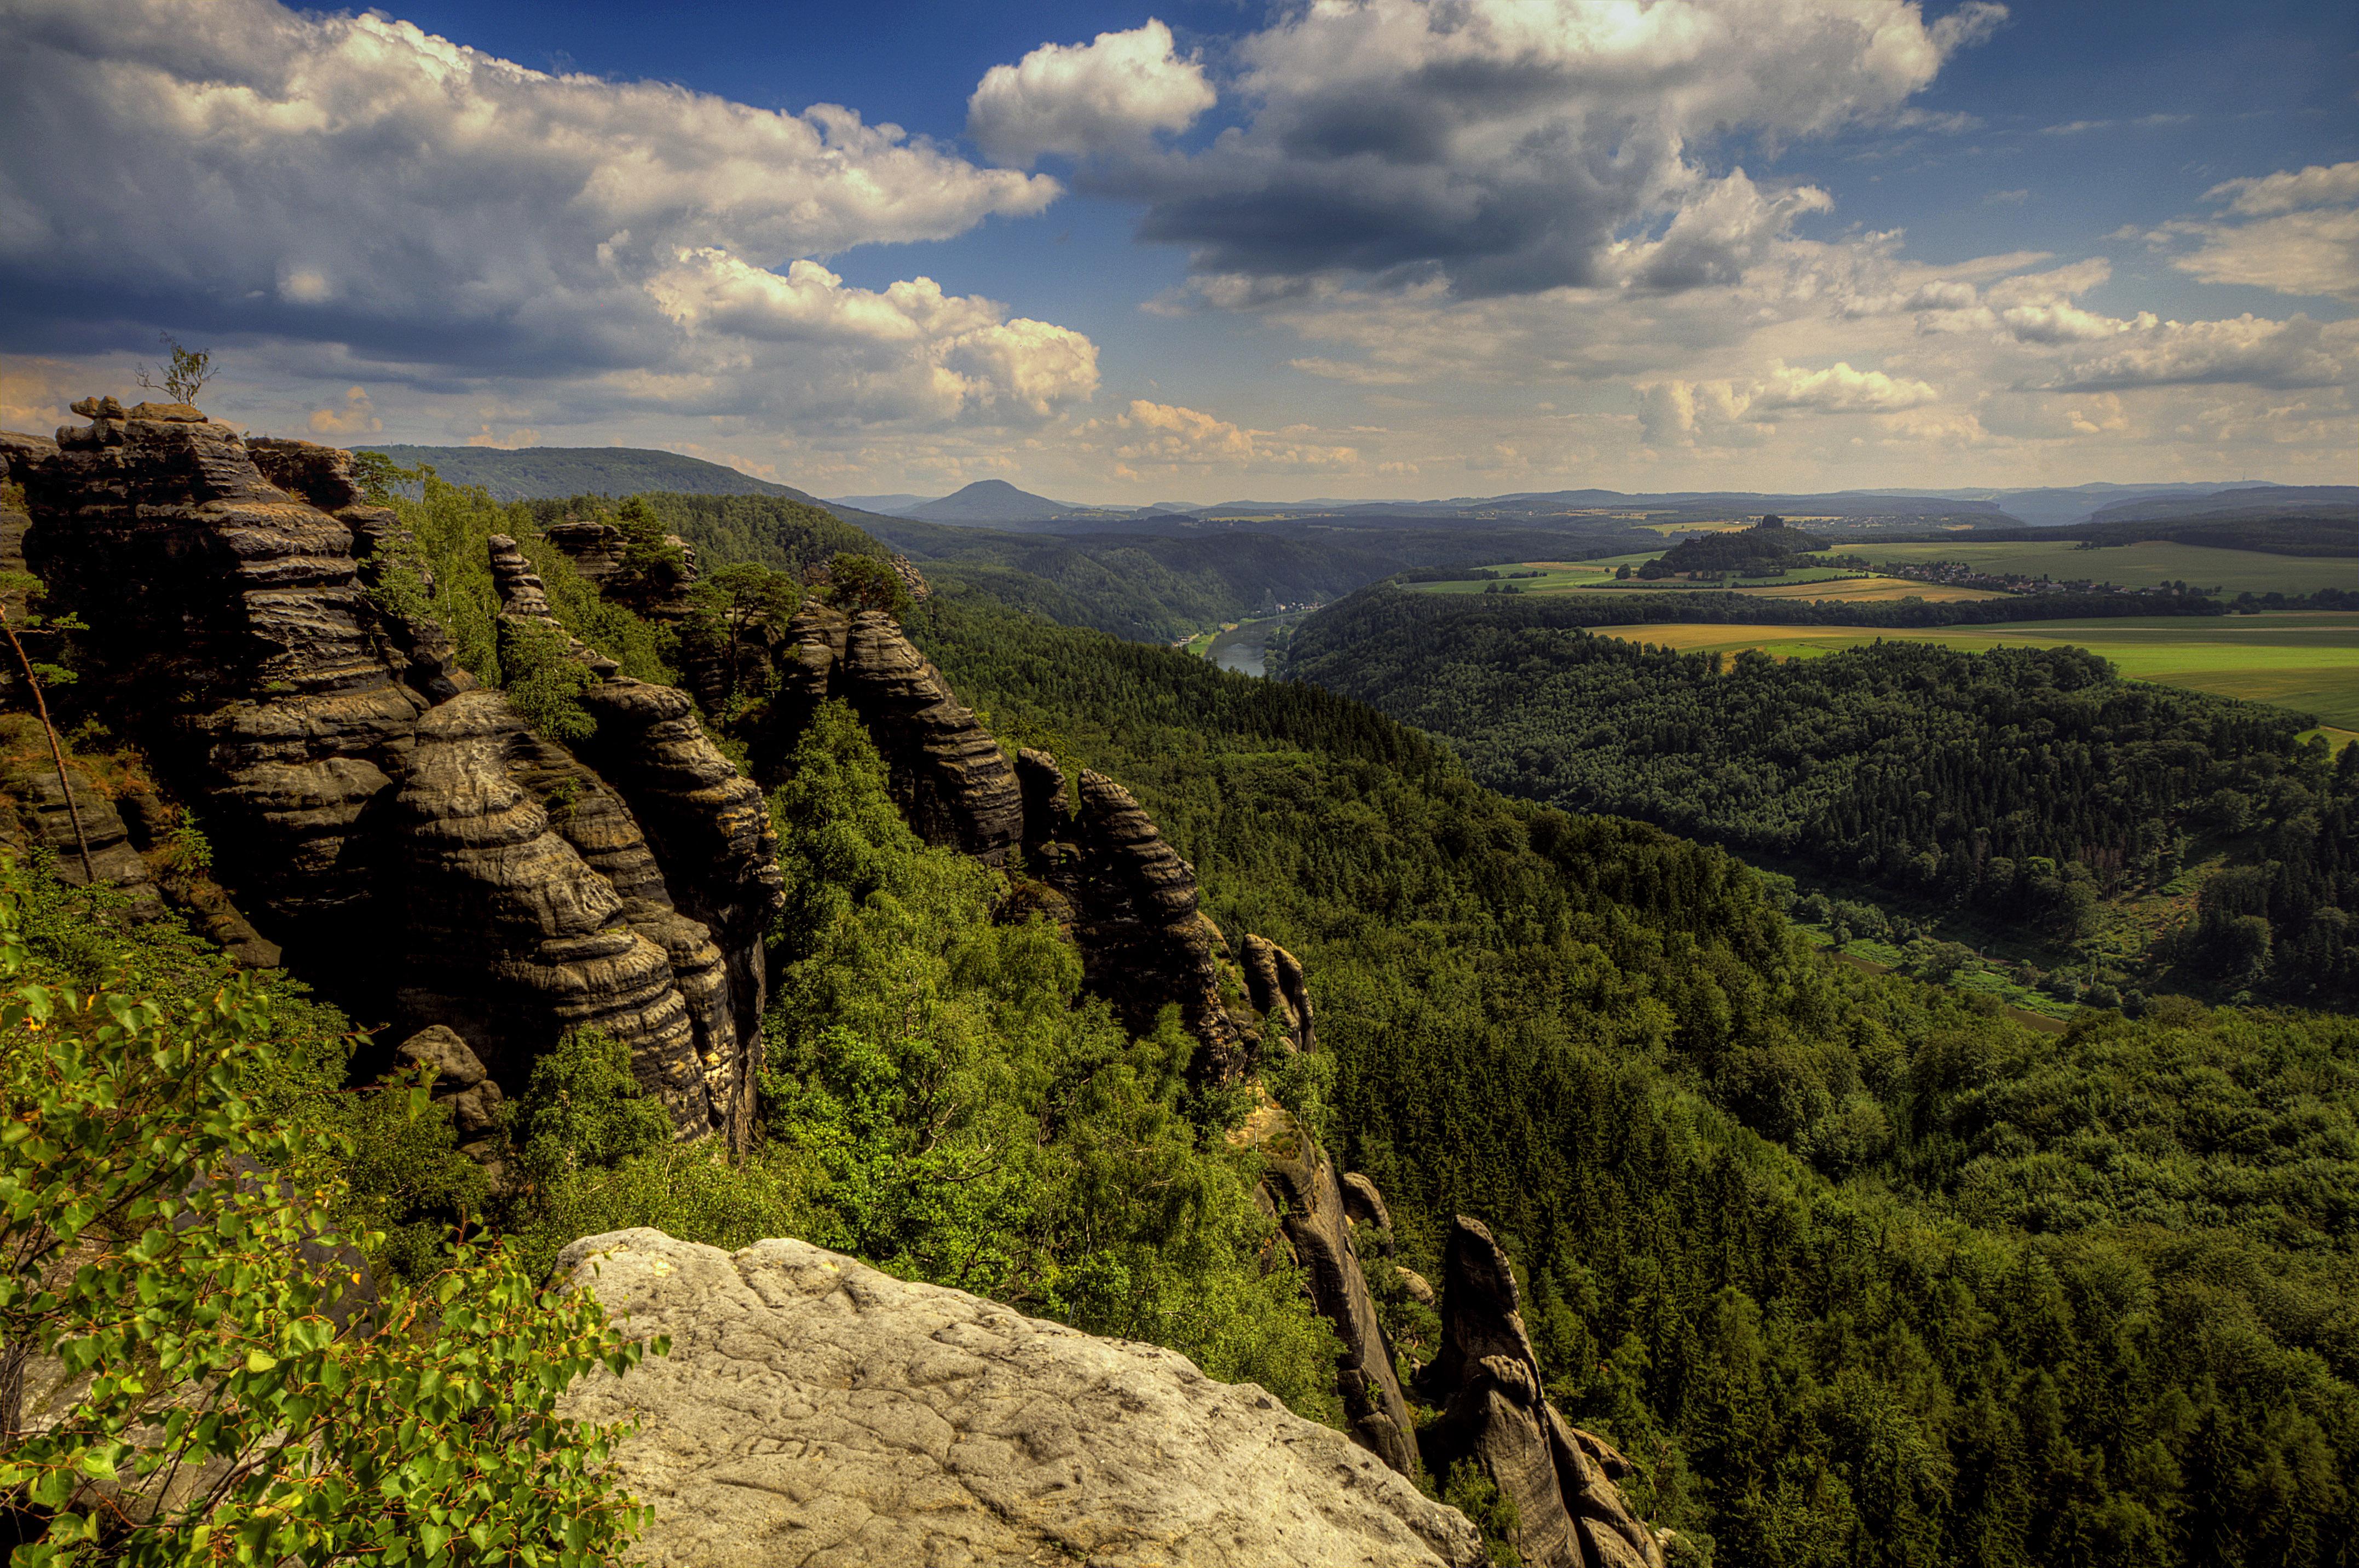 природа горы небо облака река деревья nature mountains the sky clouds river trees  № 1223858 бесплатно